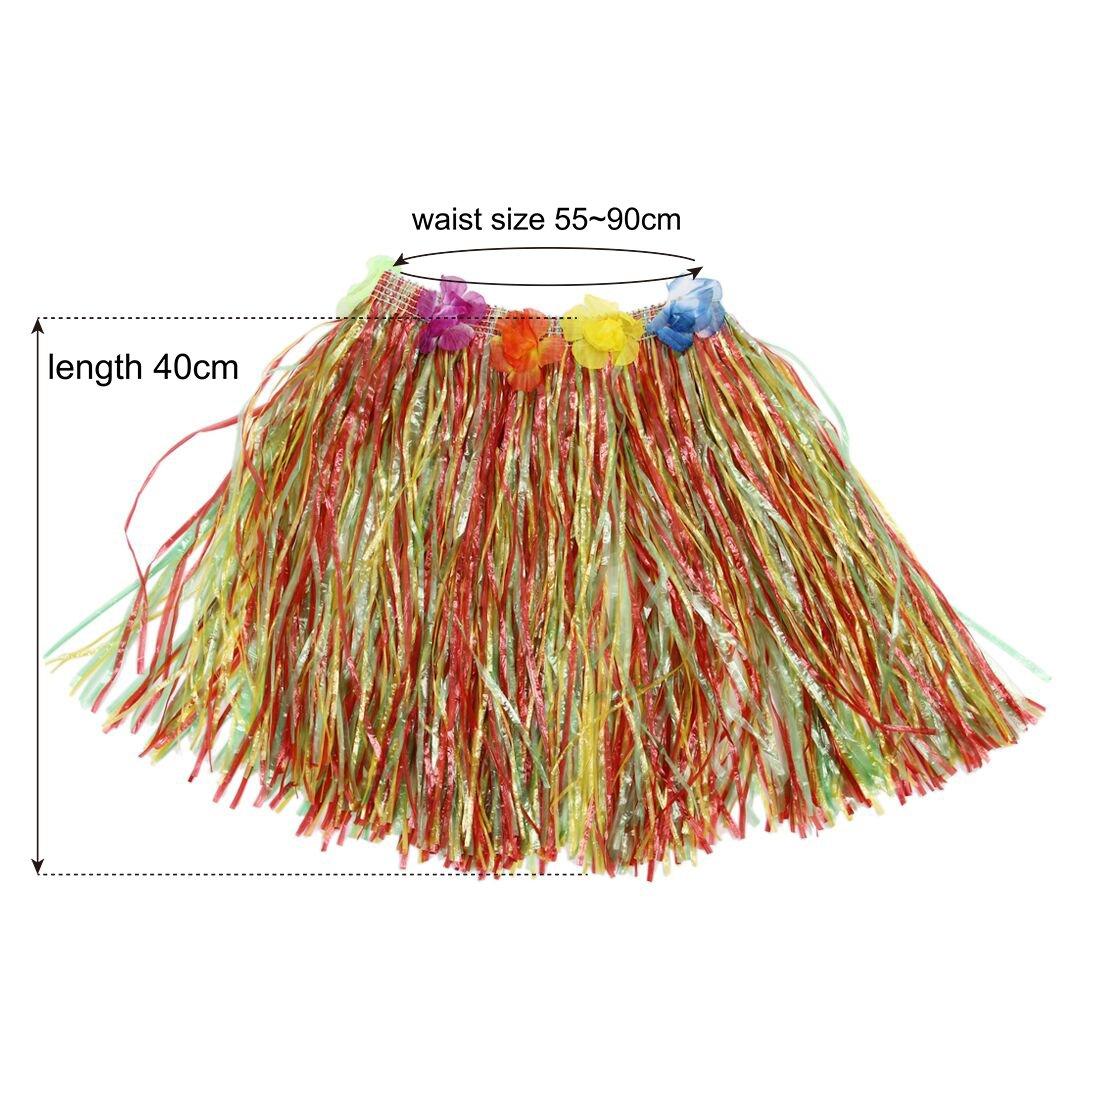 InnoBase Hawaiian Hula Grass Rock mit Blumen Leis Kost/üm Set Elastische Grass und Blumen Armb/änder Stirnband Halskette f/ür Luau Beach Party Dance Gef/älligkeiten Kost/üm Frauen